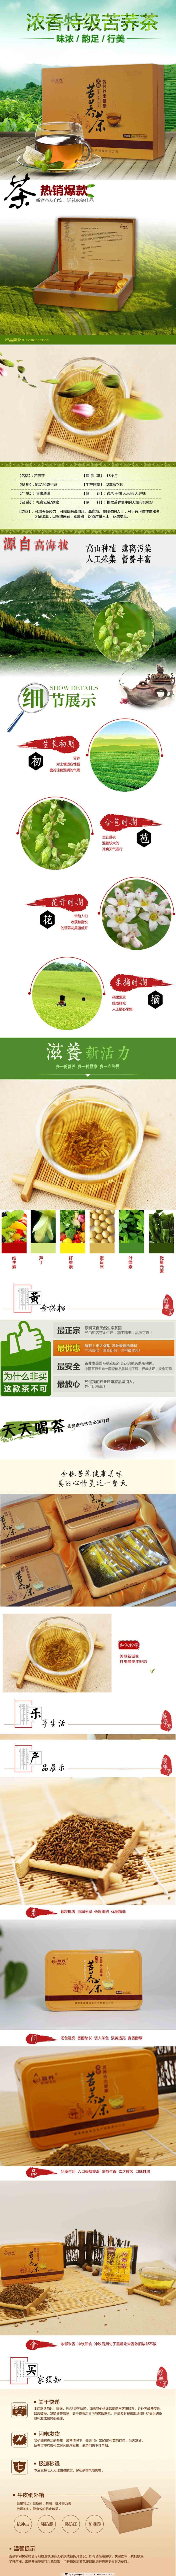 苦荞茶详情页 淘宝 绿色 主图